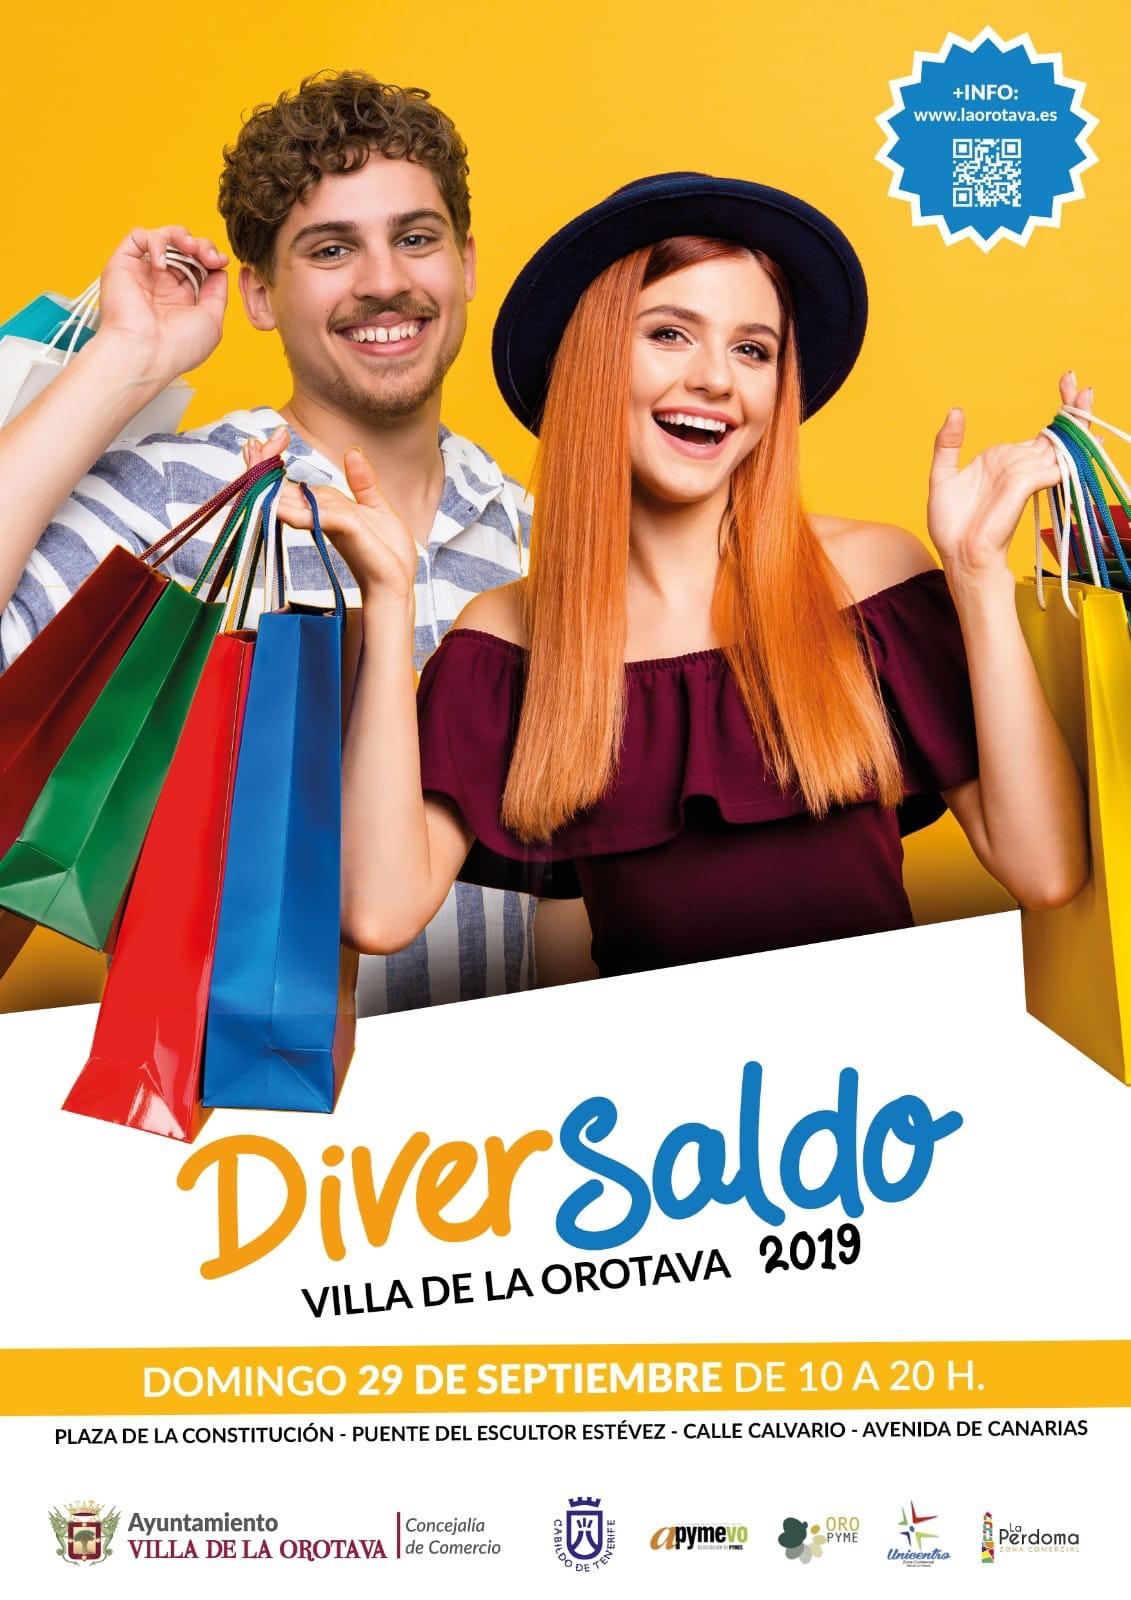 Fin de semana de ocio, con DiverSaldo y Orotava Beer Festival